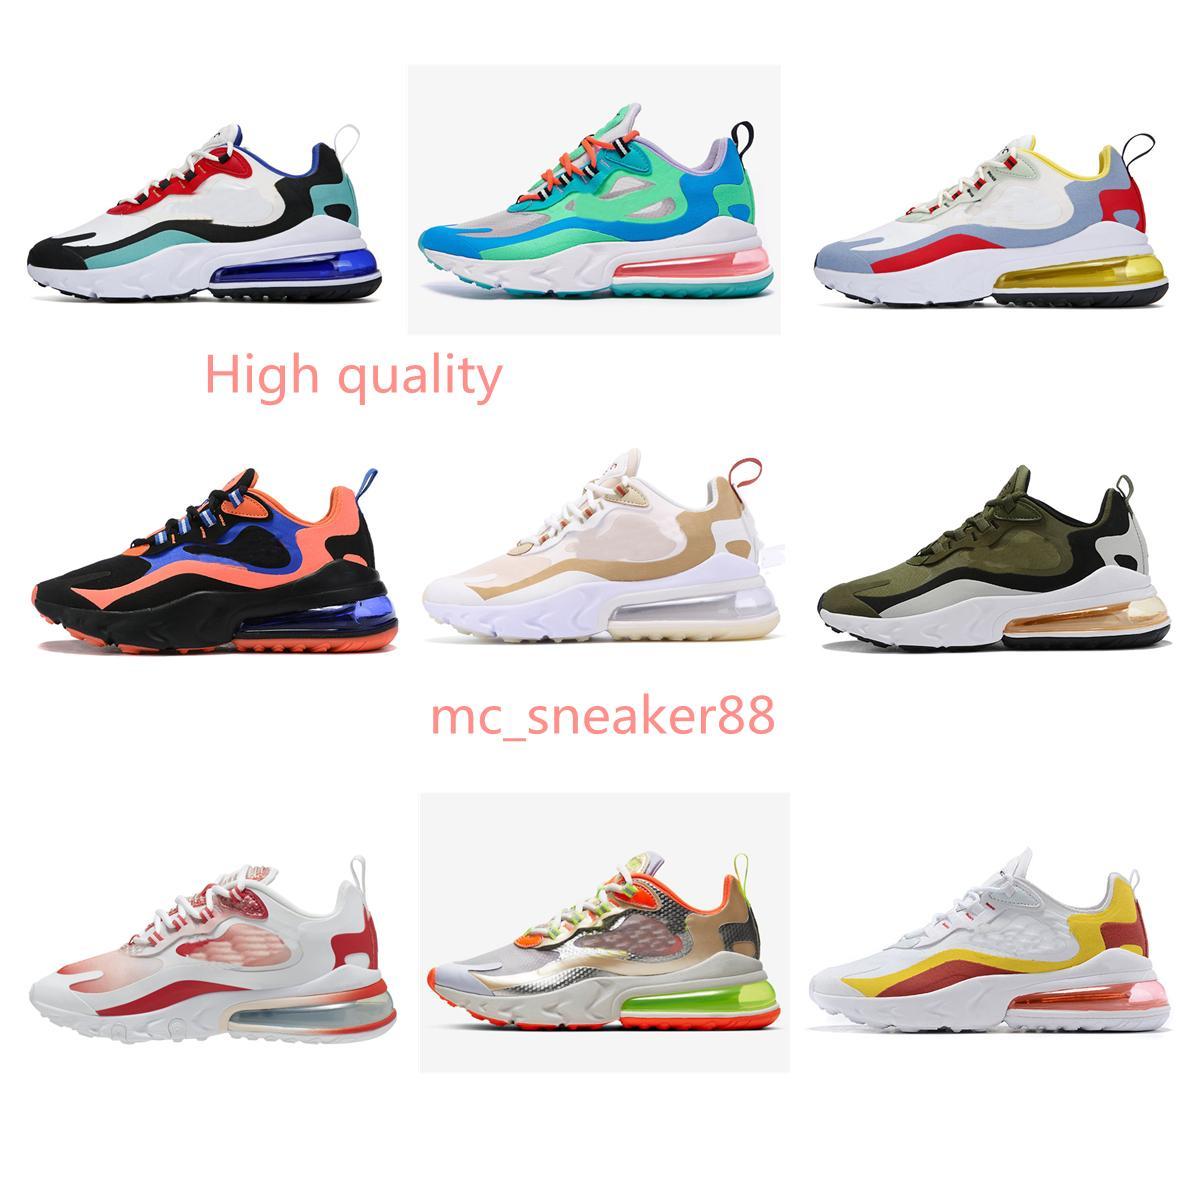 2021 Männer Frauen Outdoor Schuhe Verkauf Top Qualität Reaktion Koralgradient Colorway Kostenloses Triple Balck Bauhaus Optische Sportturnschuhe Größe 36-45